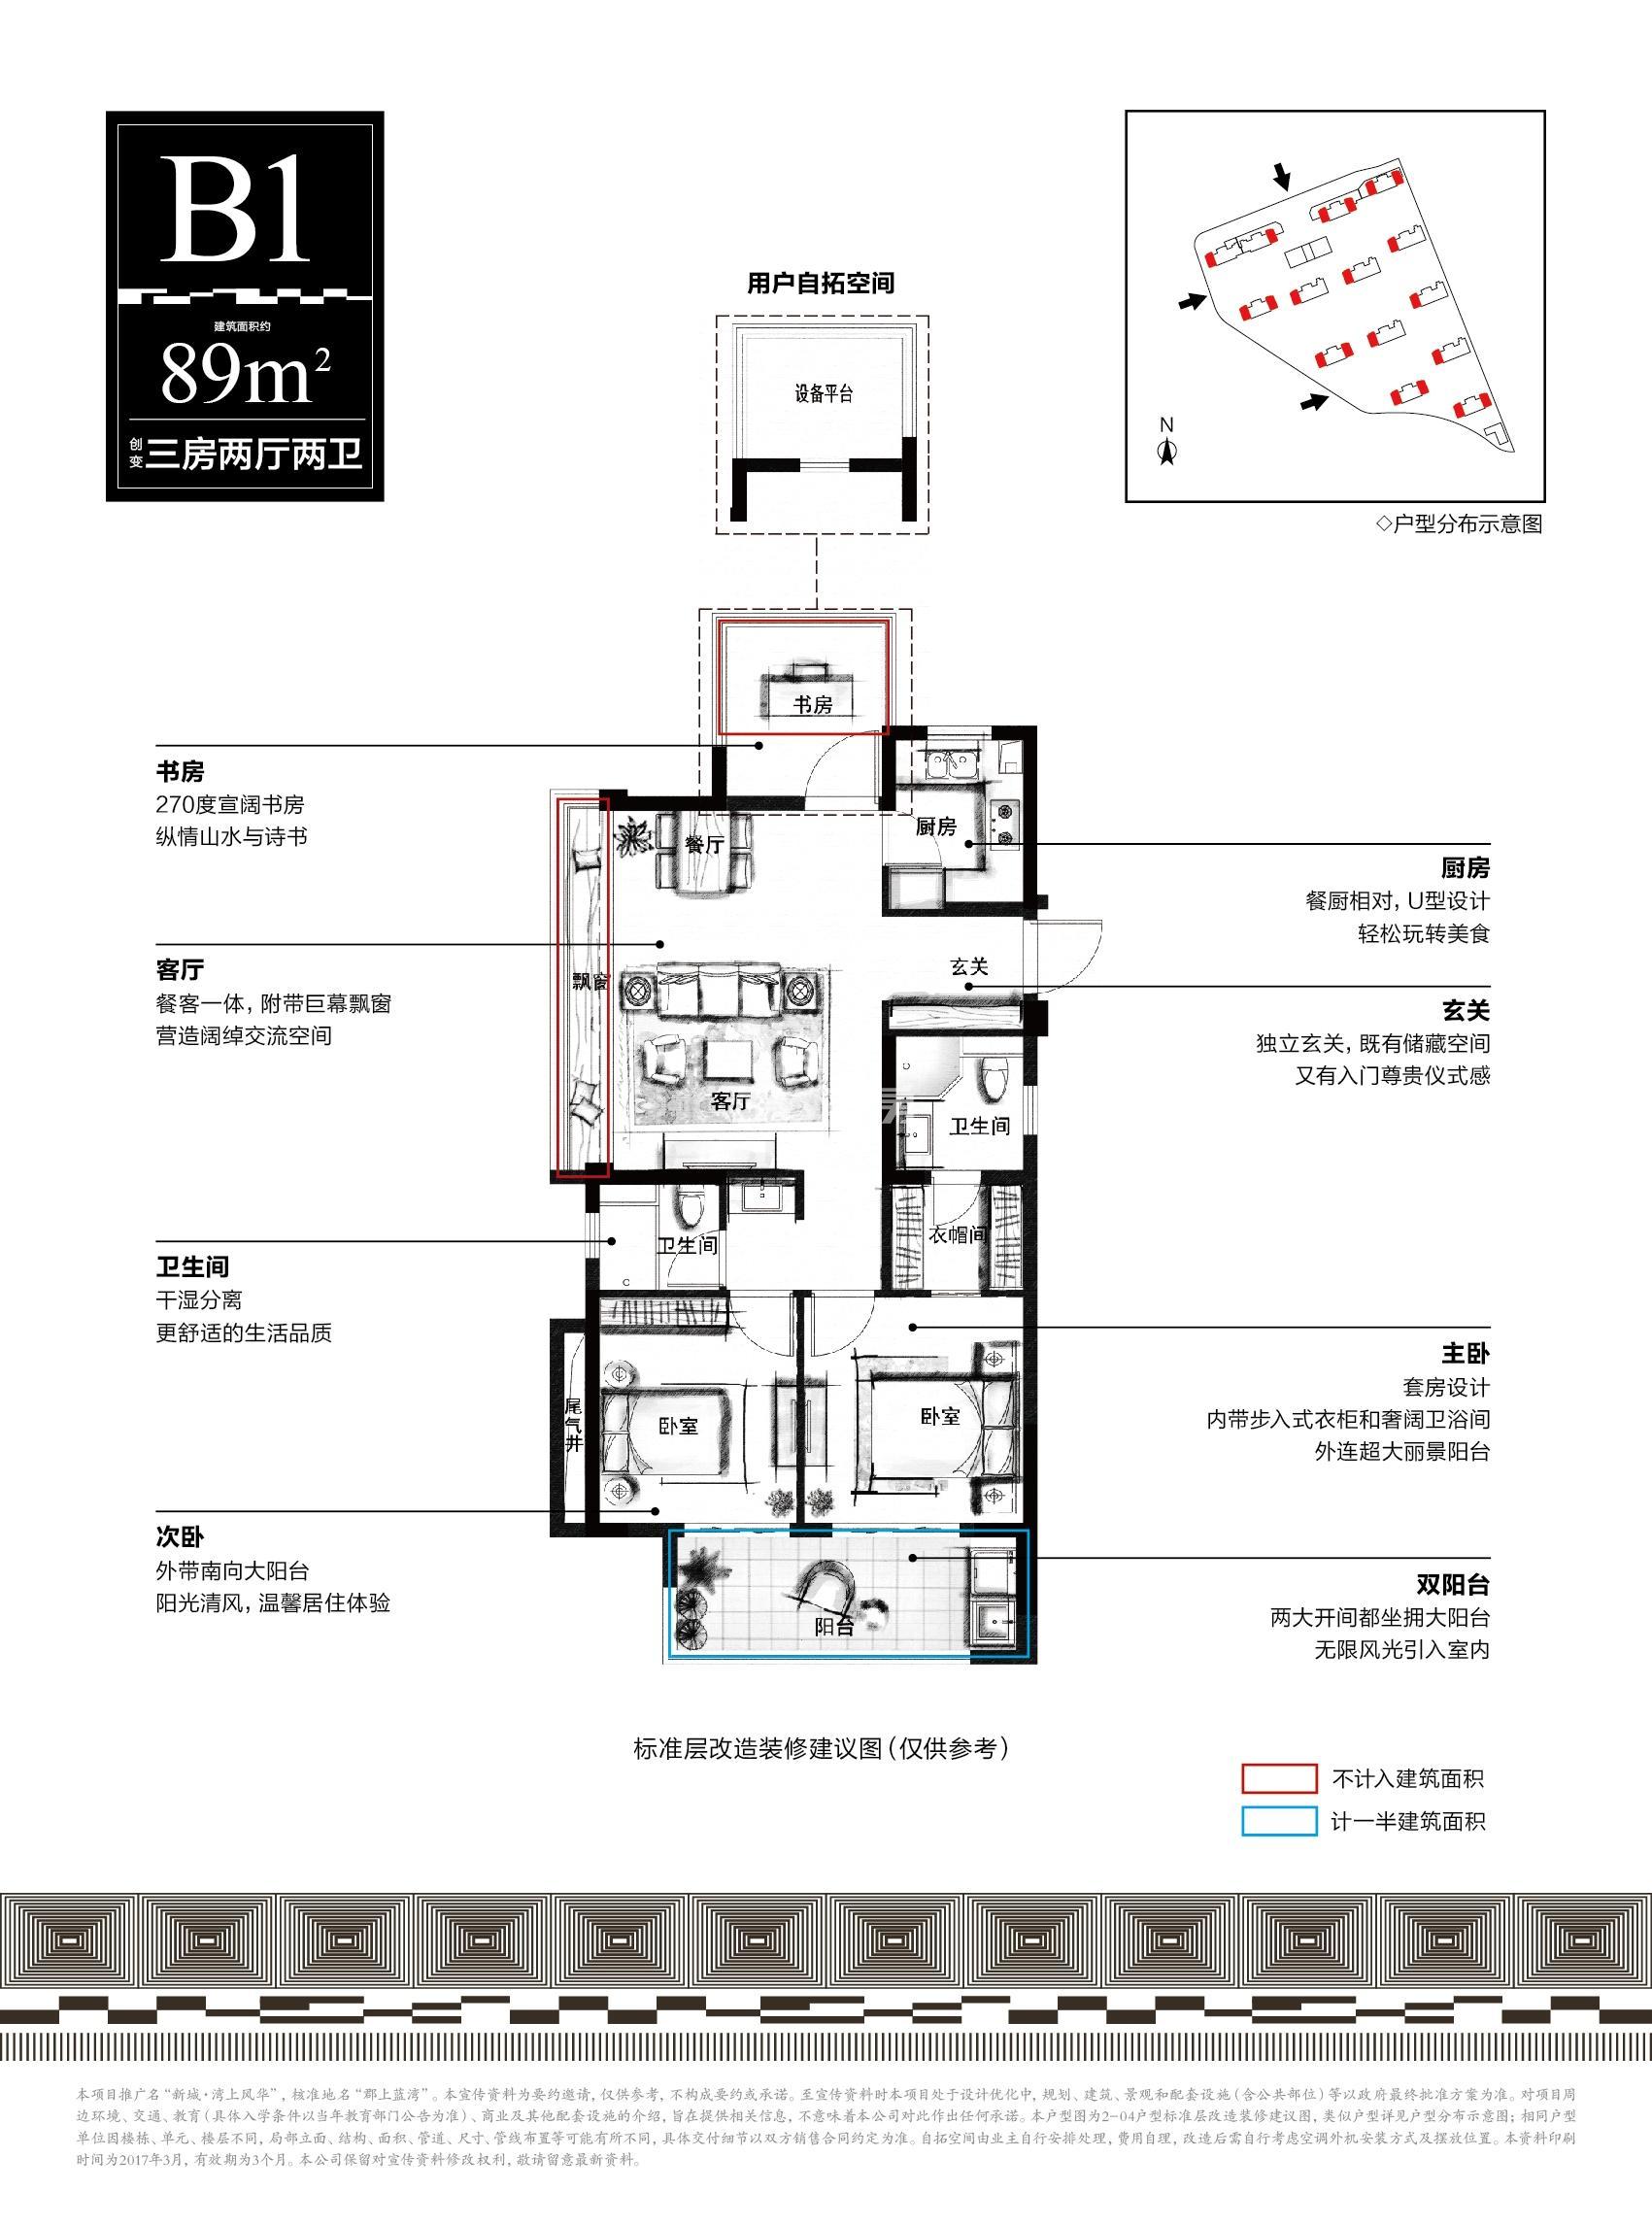 新城湾上风华B1户型图89方(1-13#)